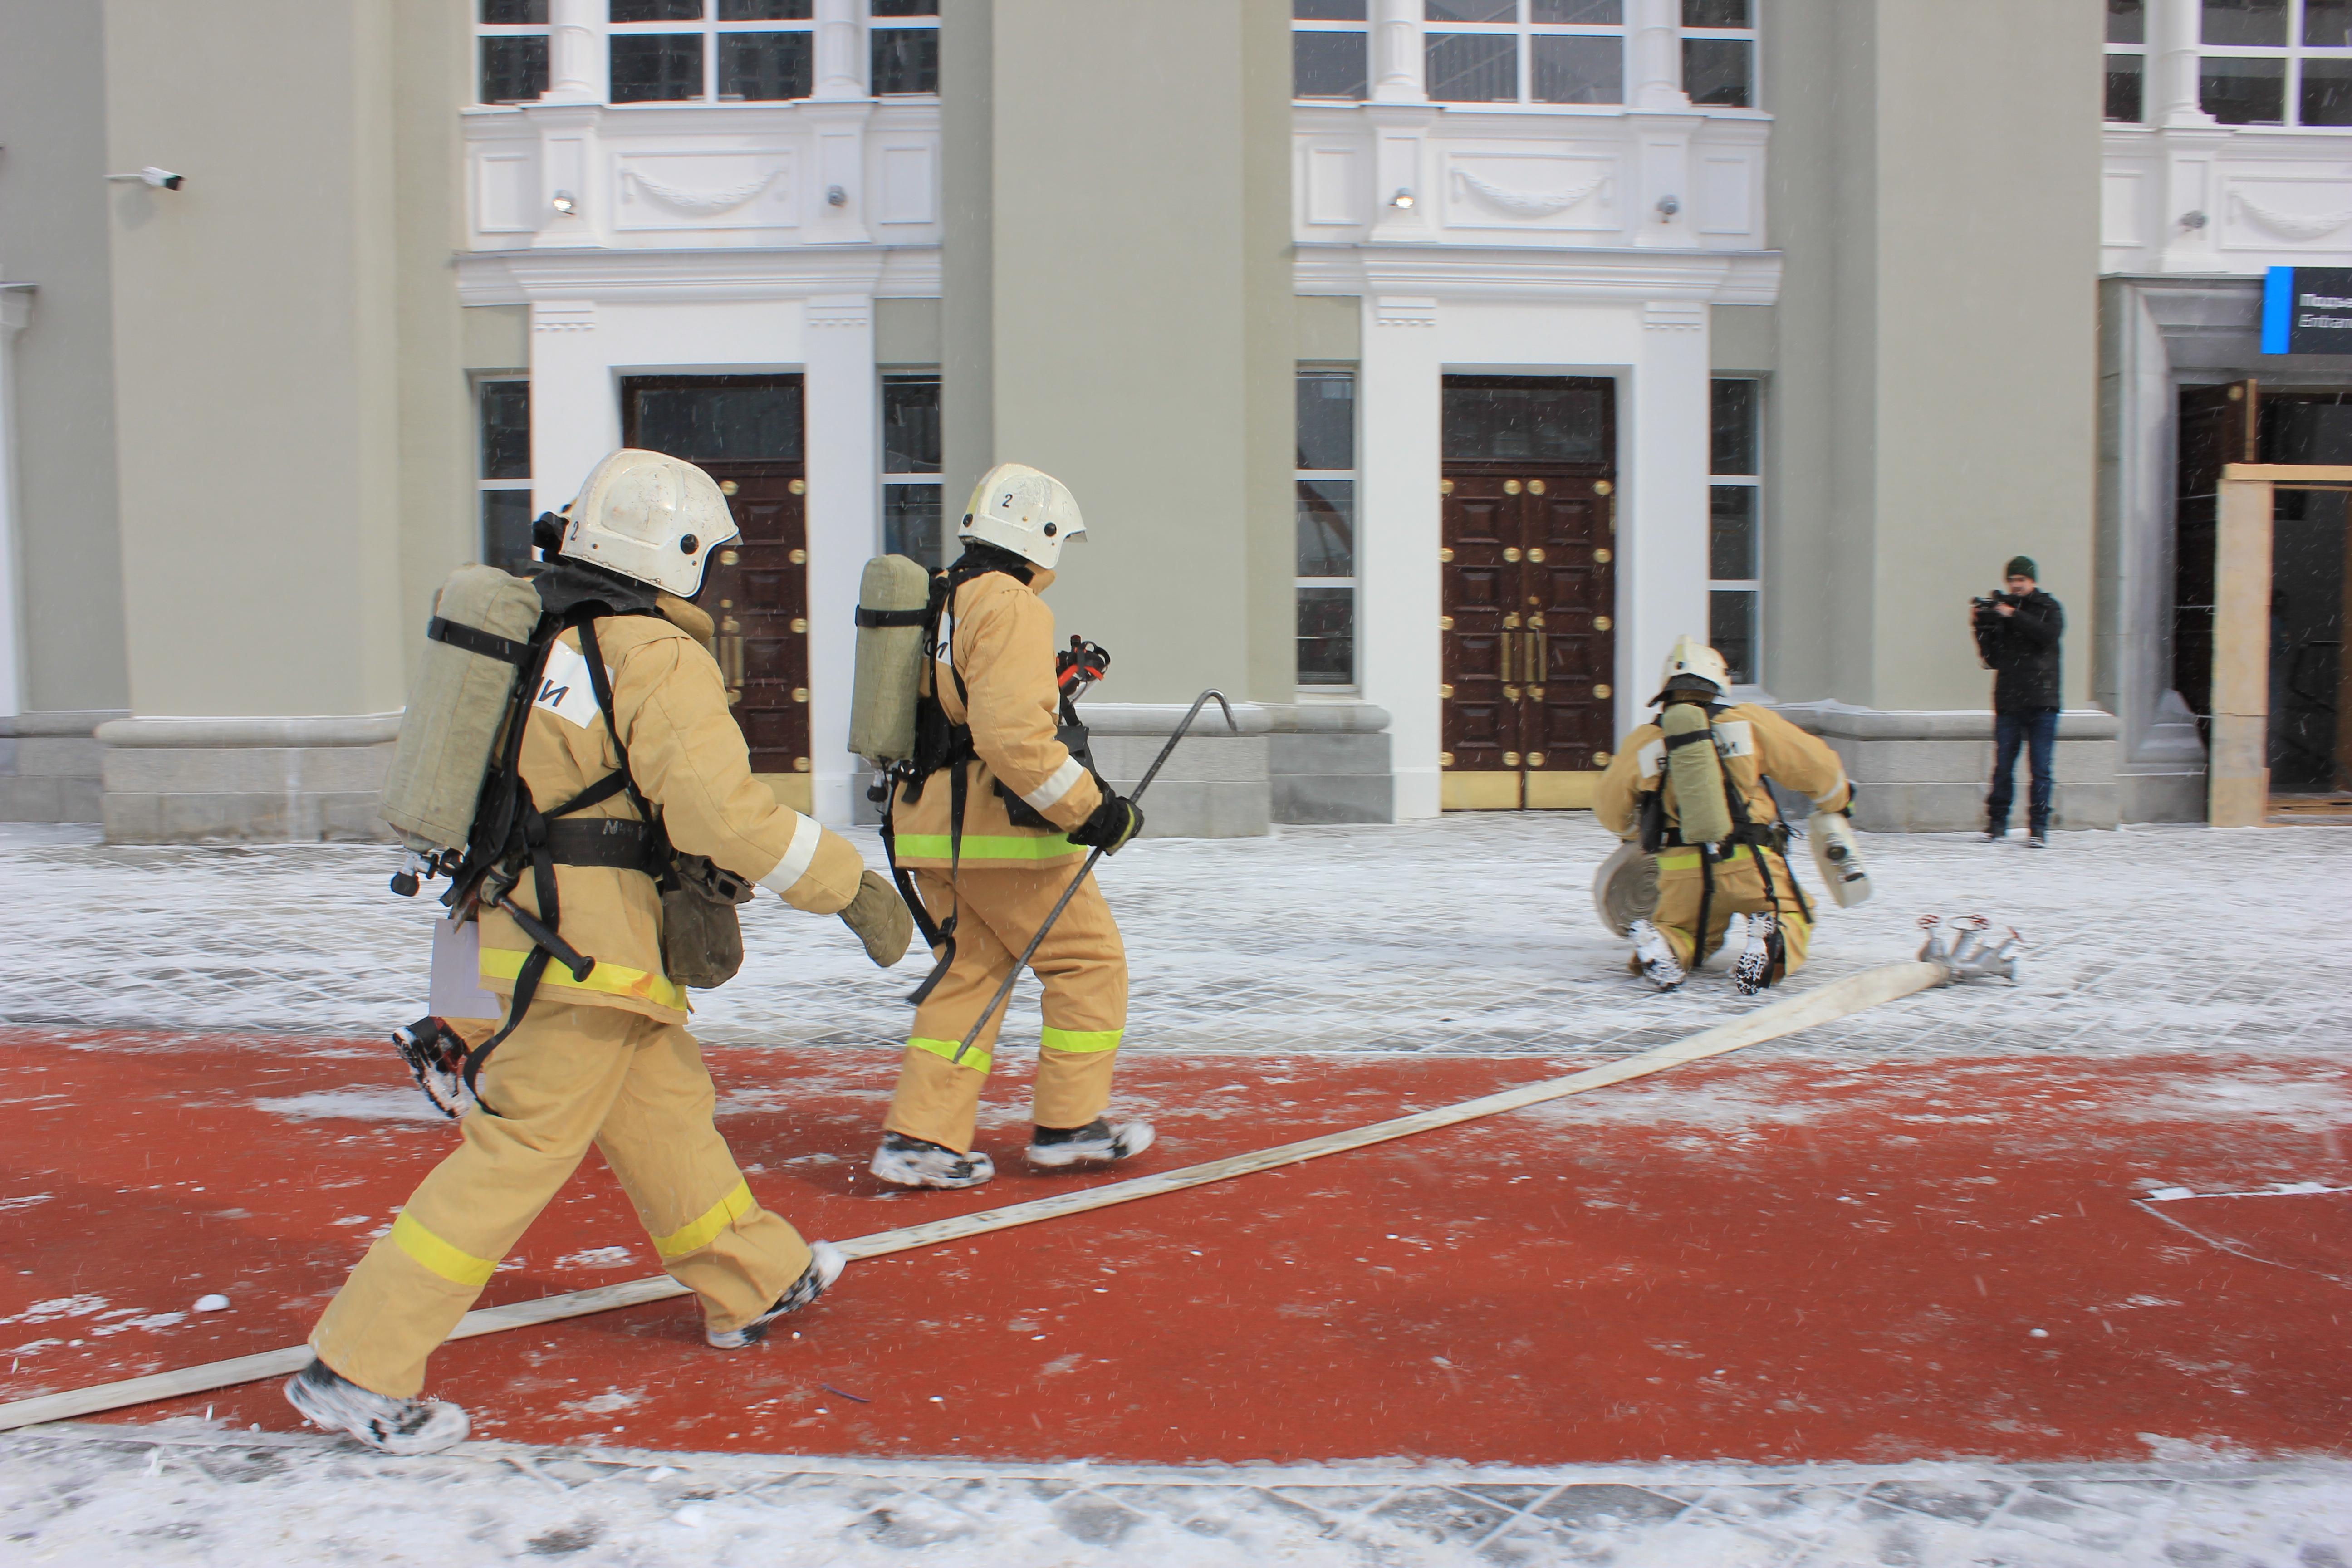 В Екатеринбурге на объектах ЧМ-2018 проведено более 80 проверок пожарной безопасности